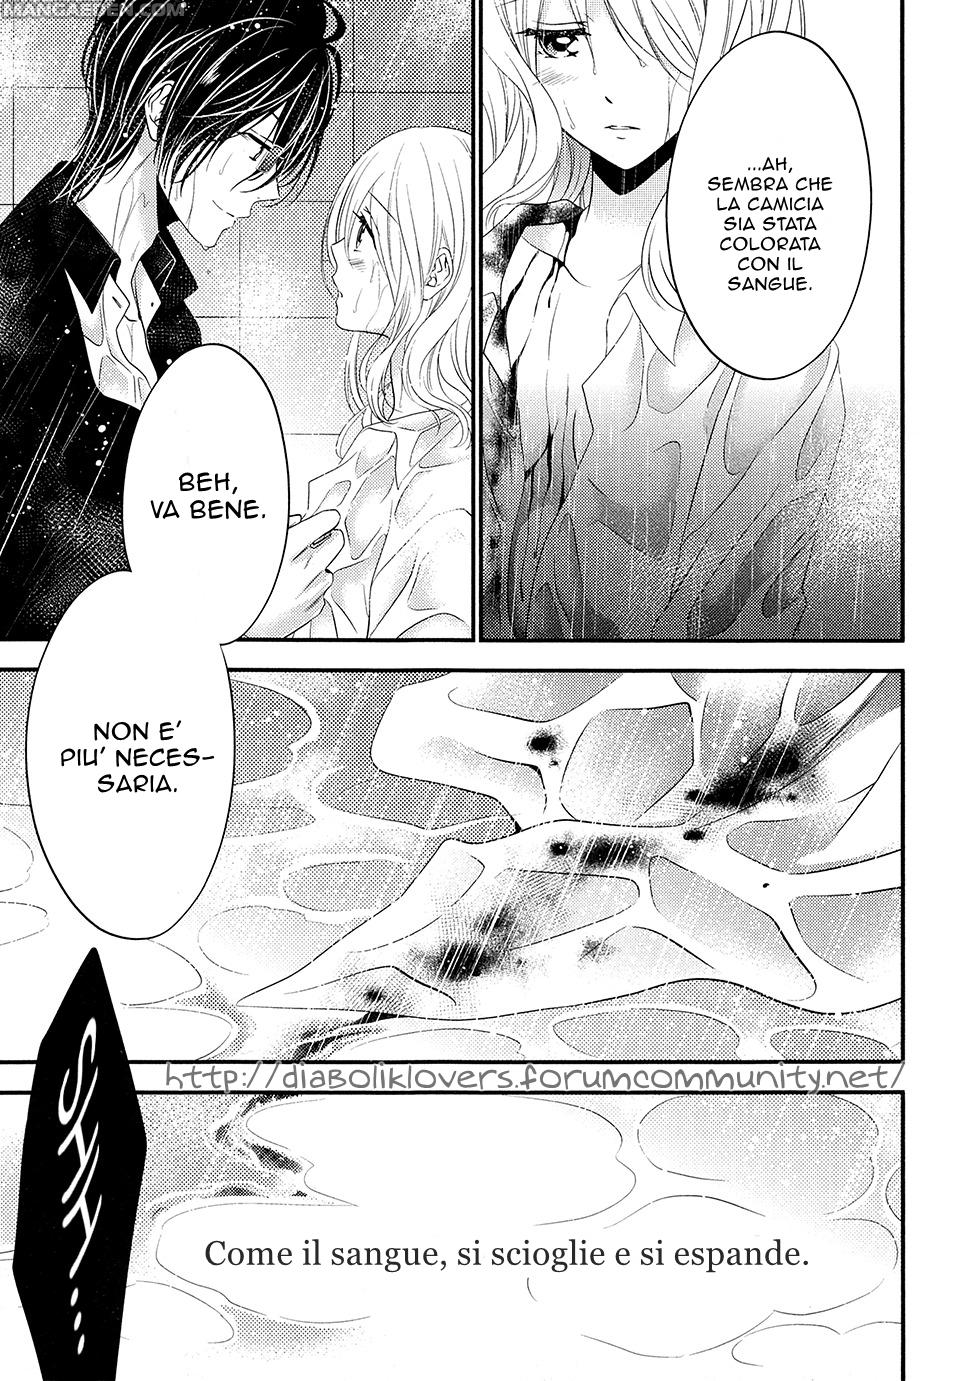 https://nine.mangadogs.com/it_manga/pic/7/1095/221750/DiabolikLoversMOREBLOODSak586.jpg Page 11